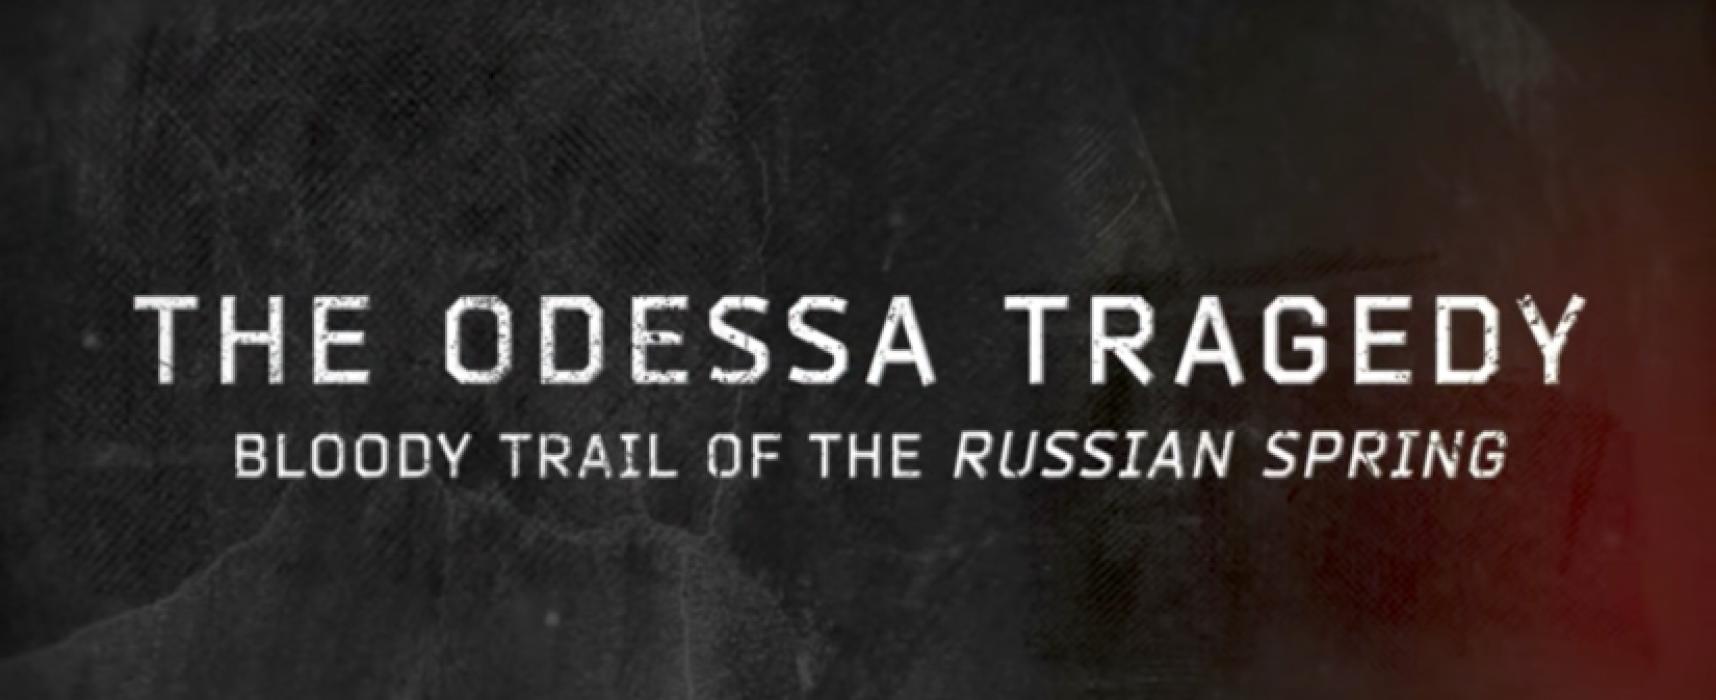 La veille du troisième anniversaire de la tragédie d'Odessa, les 250 000 habitants de l'Europe pourront voir le film sur les événements du 2 mai 2014